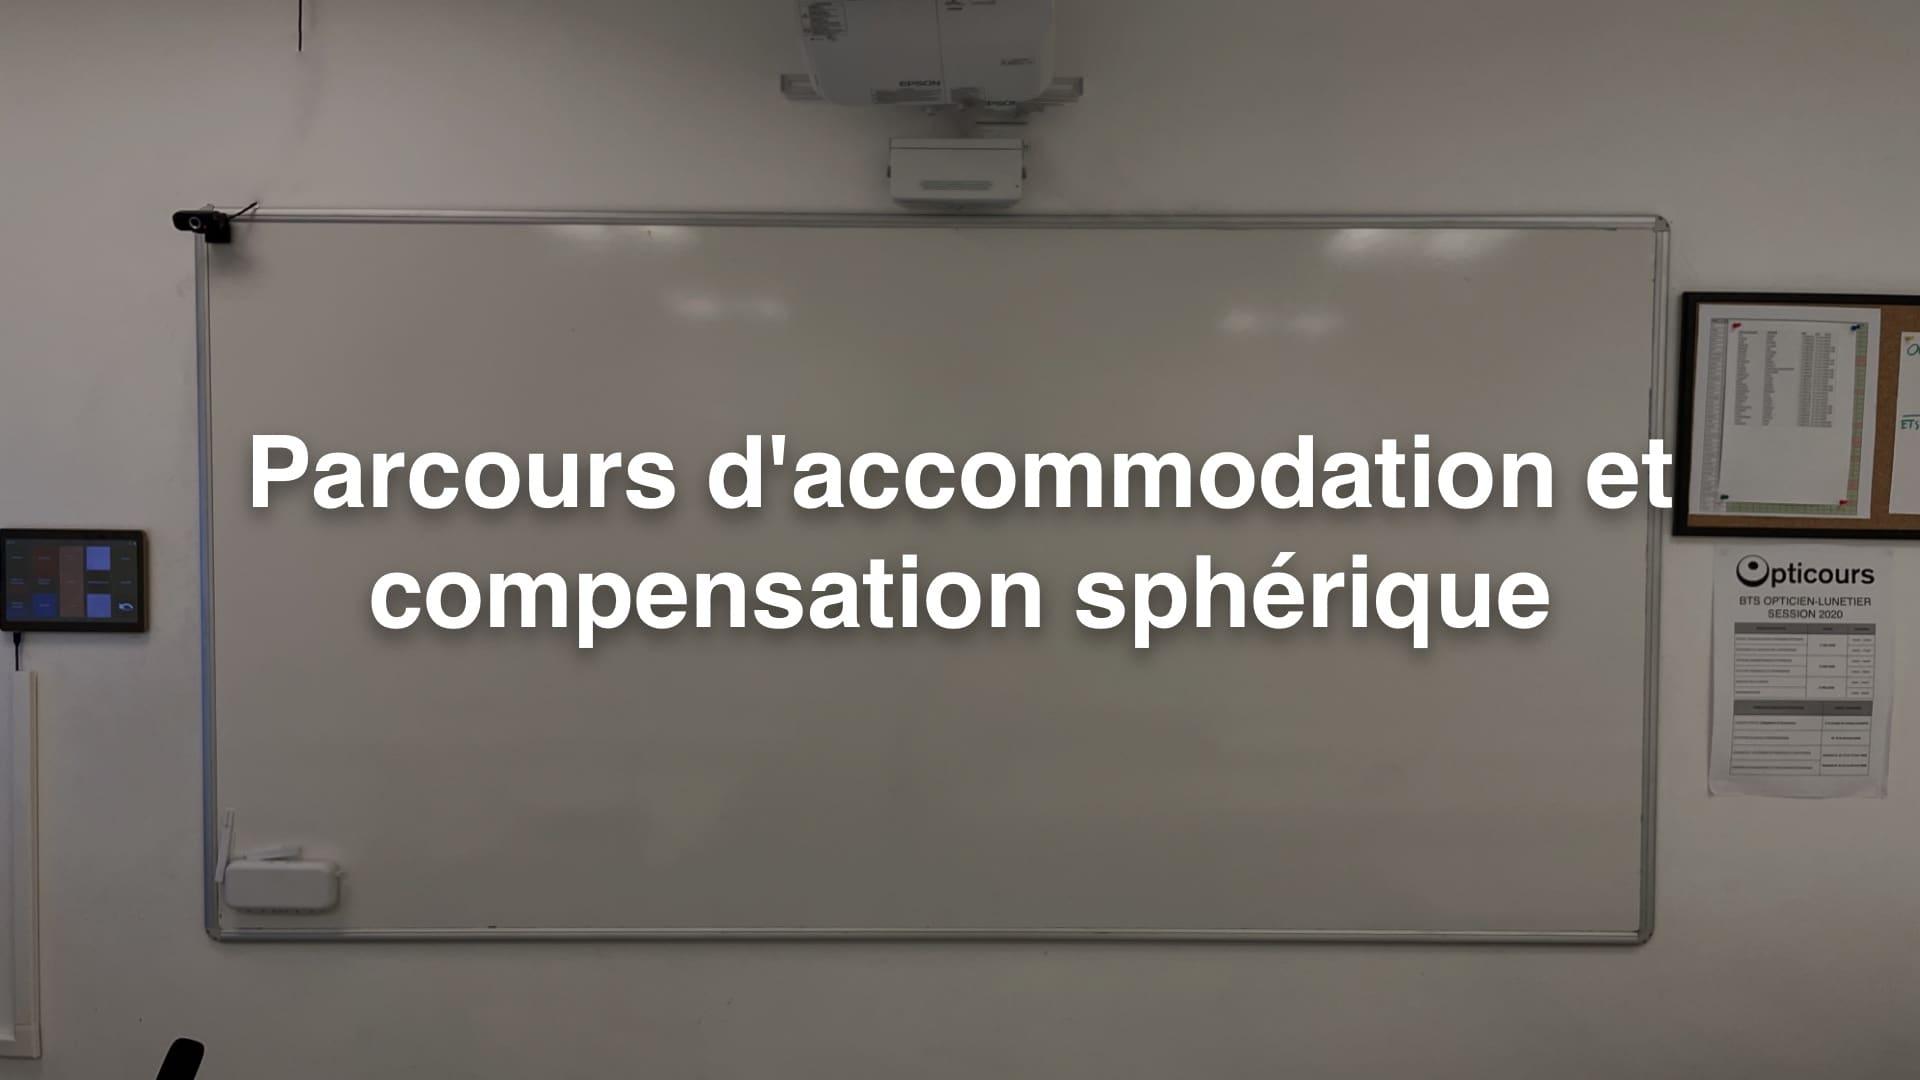 Parcours d'accommodation et compensation sphérique